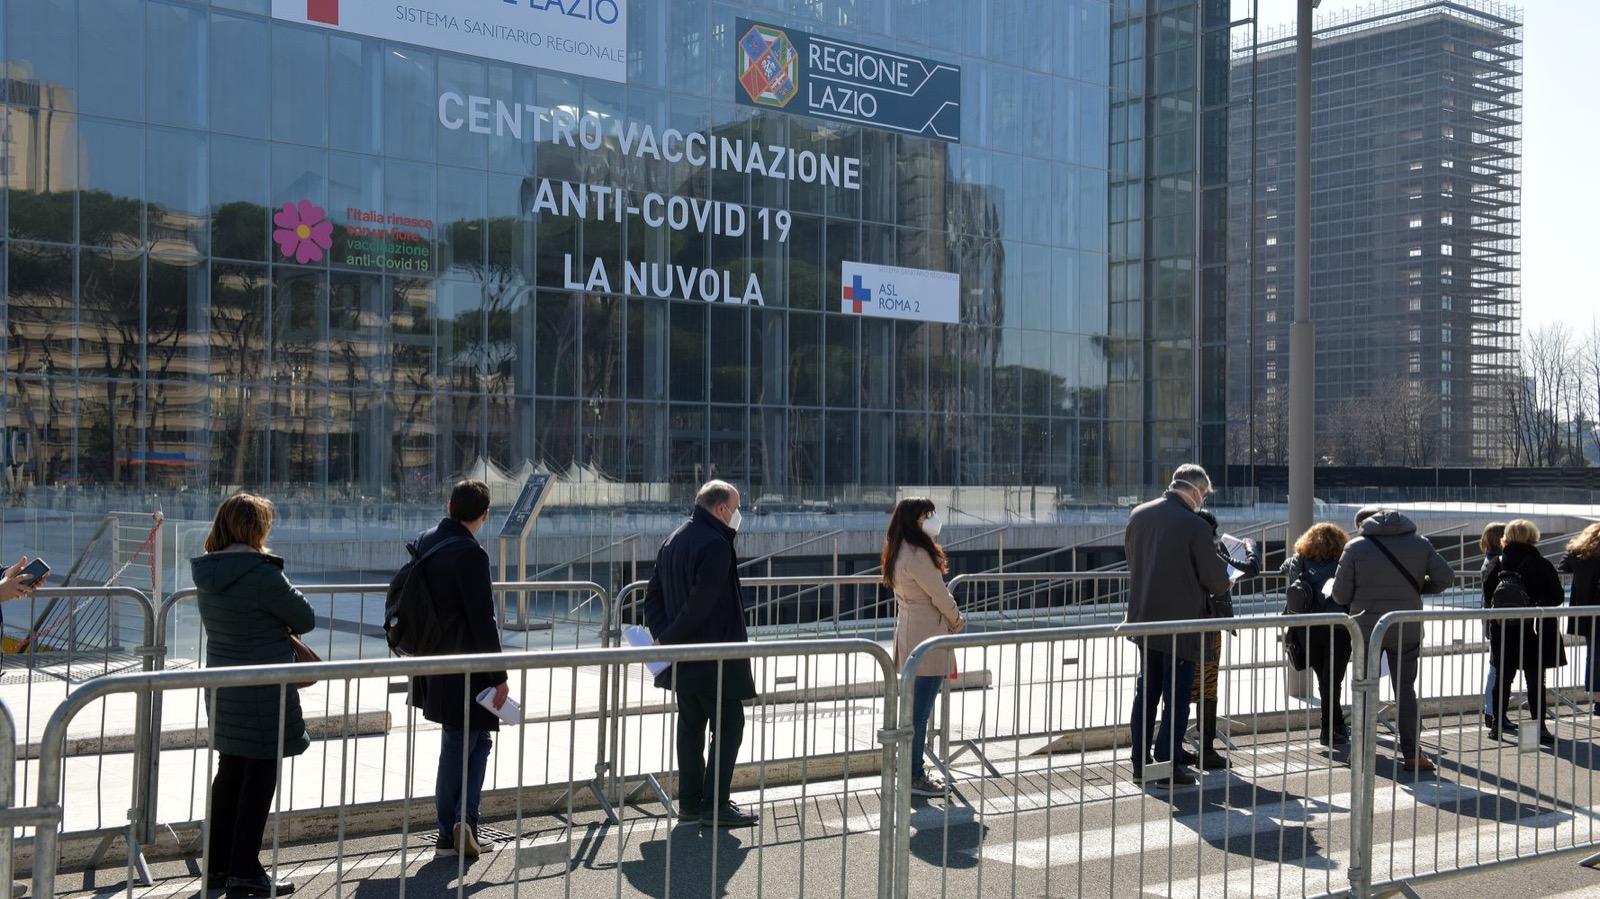 Scenario Italia: Stretta Su Vaccini E Misure Anti-covid, Il Governo Punta A Riaprire Del Tutto Le Scuole